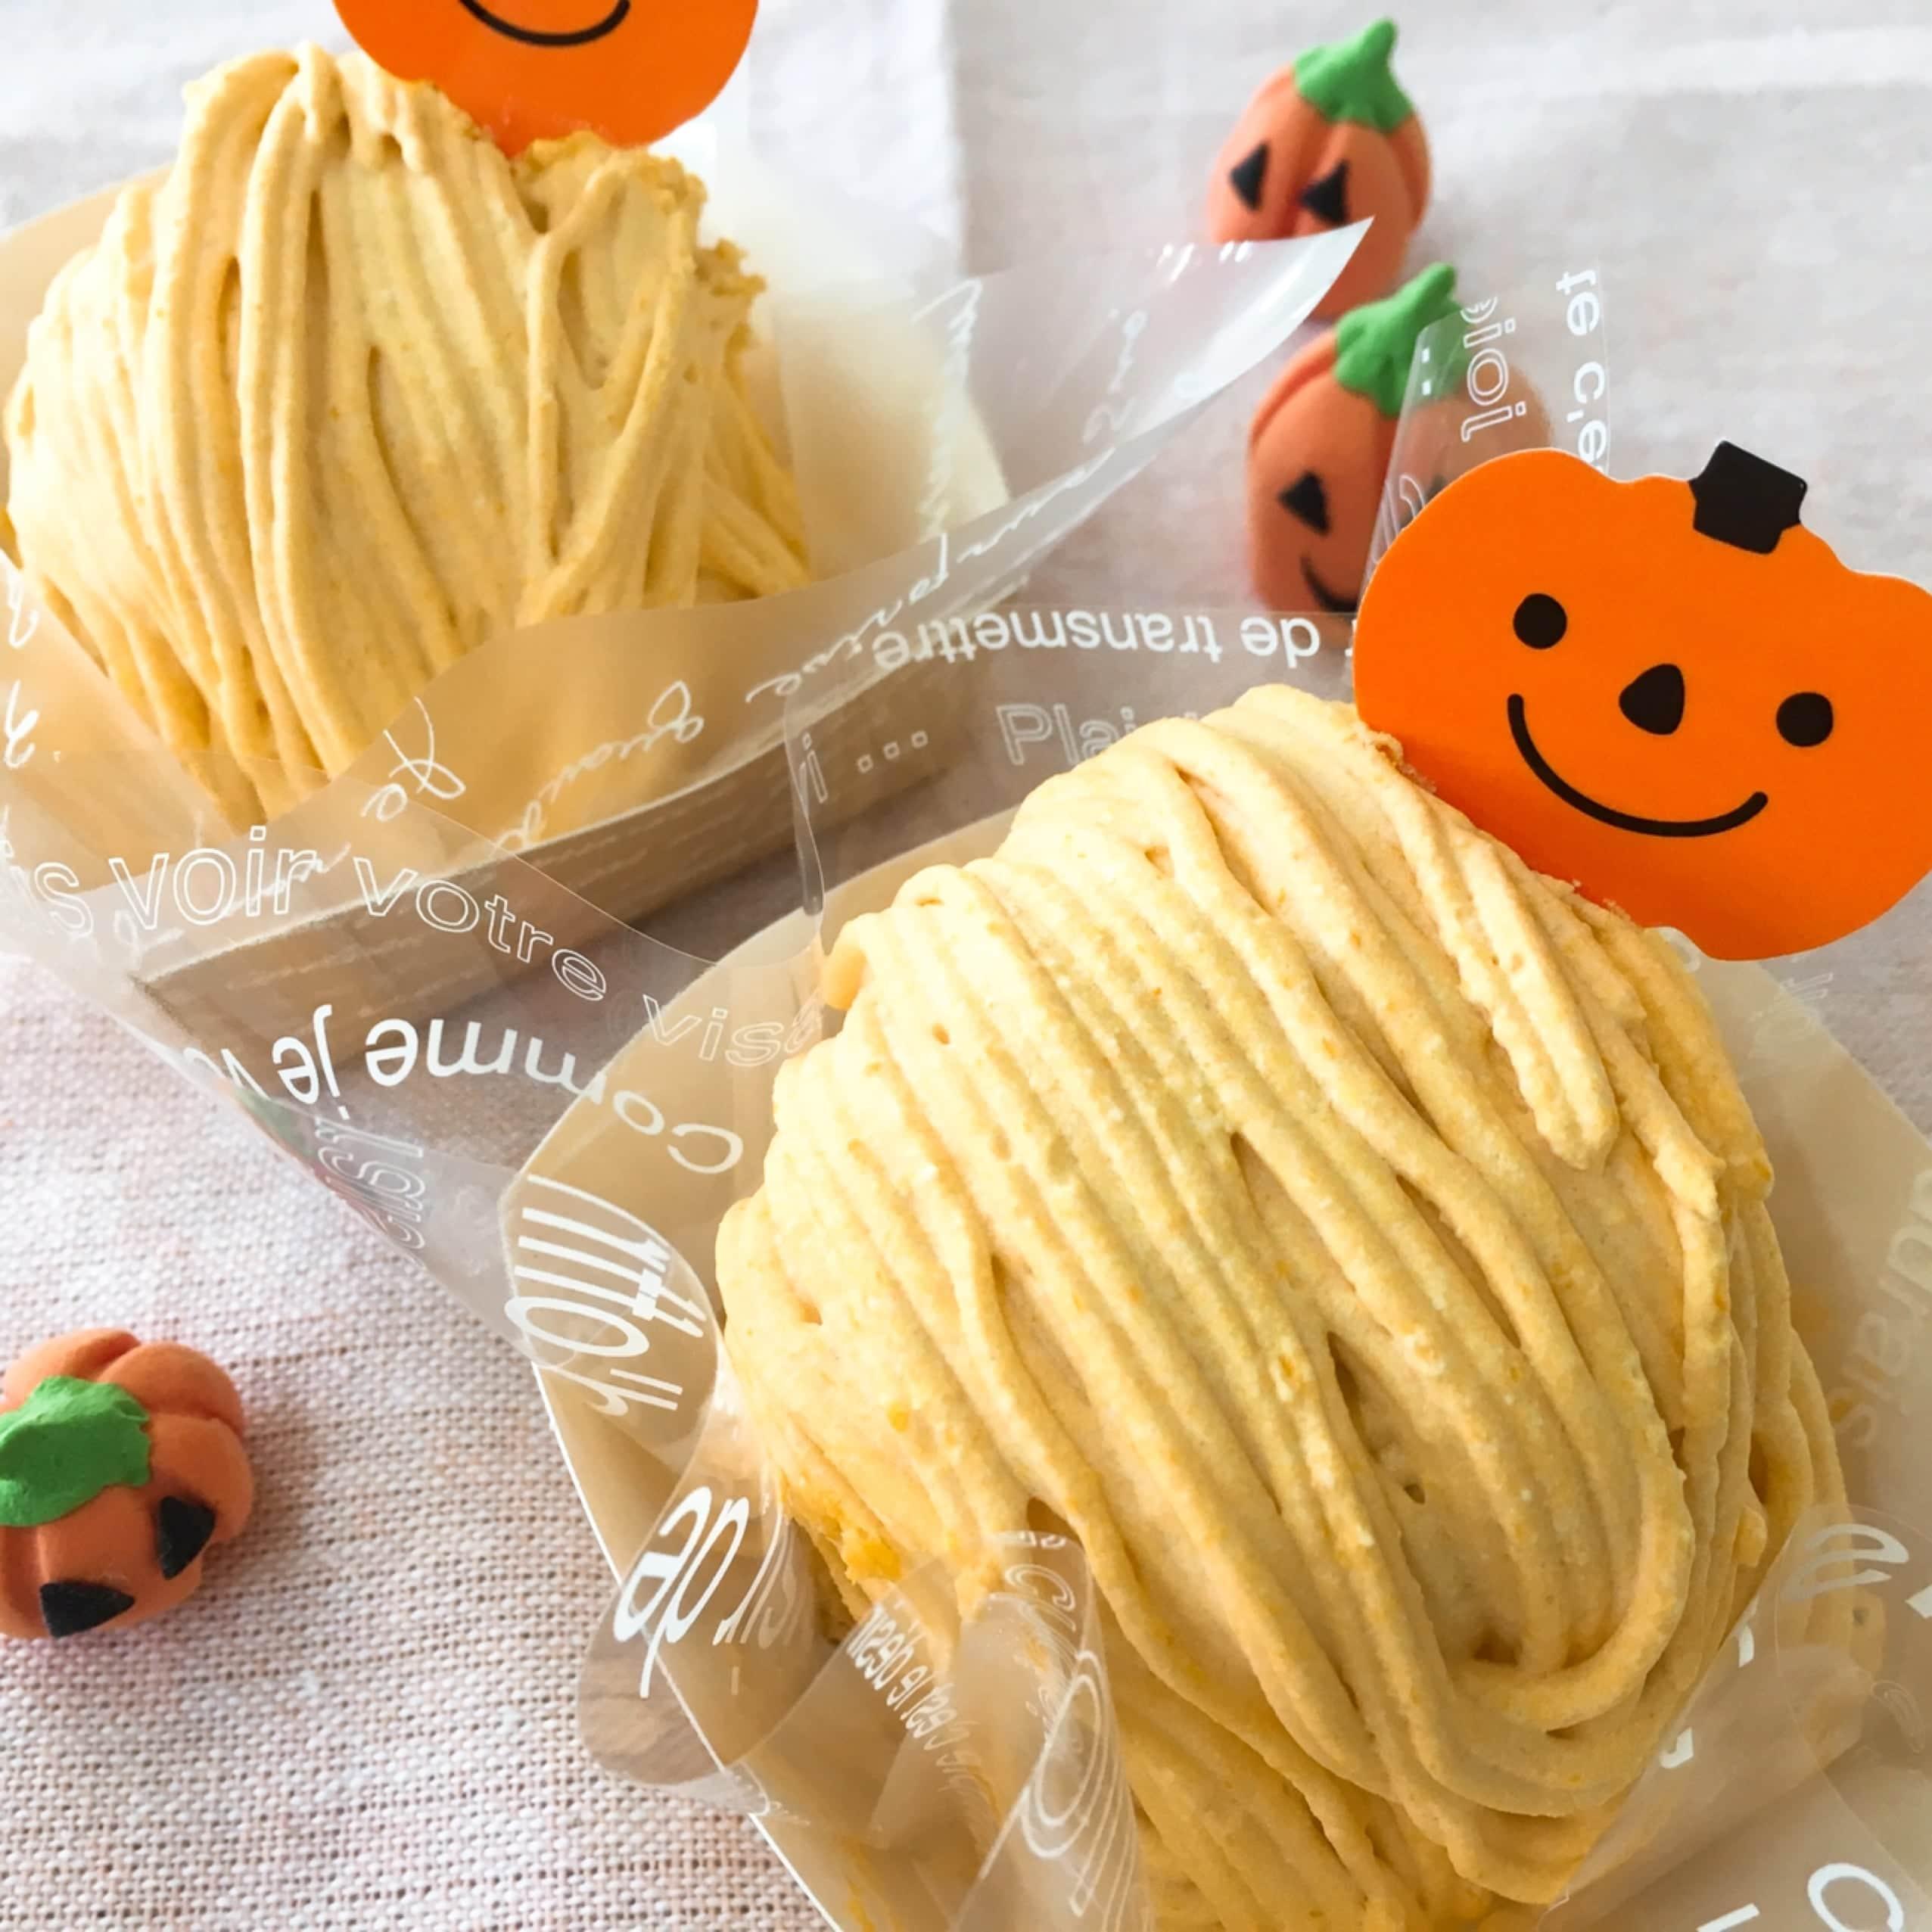 「小中学生夢応援プロジェクト2019」かぼちゃのモンブラン10月26日(土)販売分のイメージその1